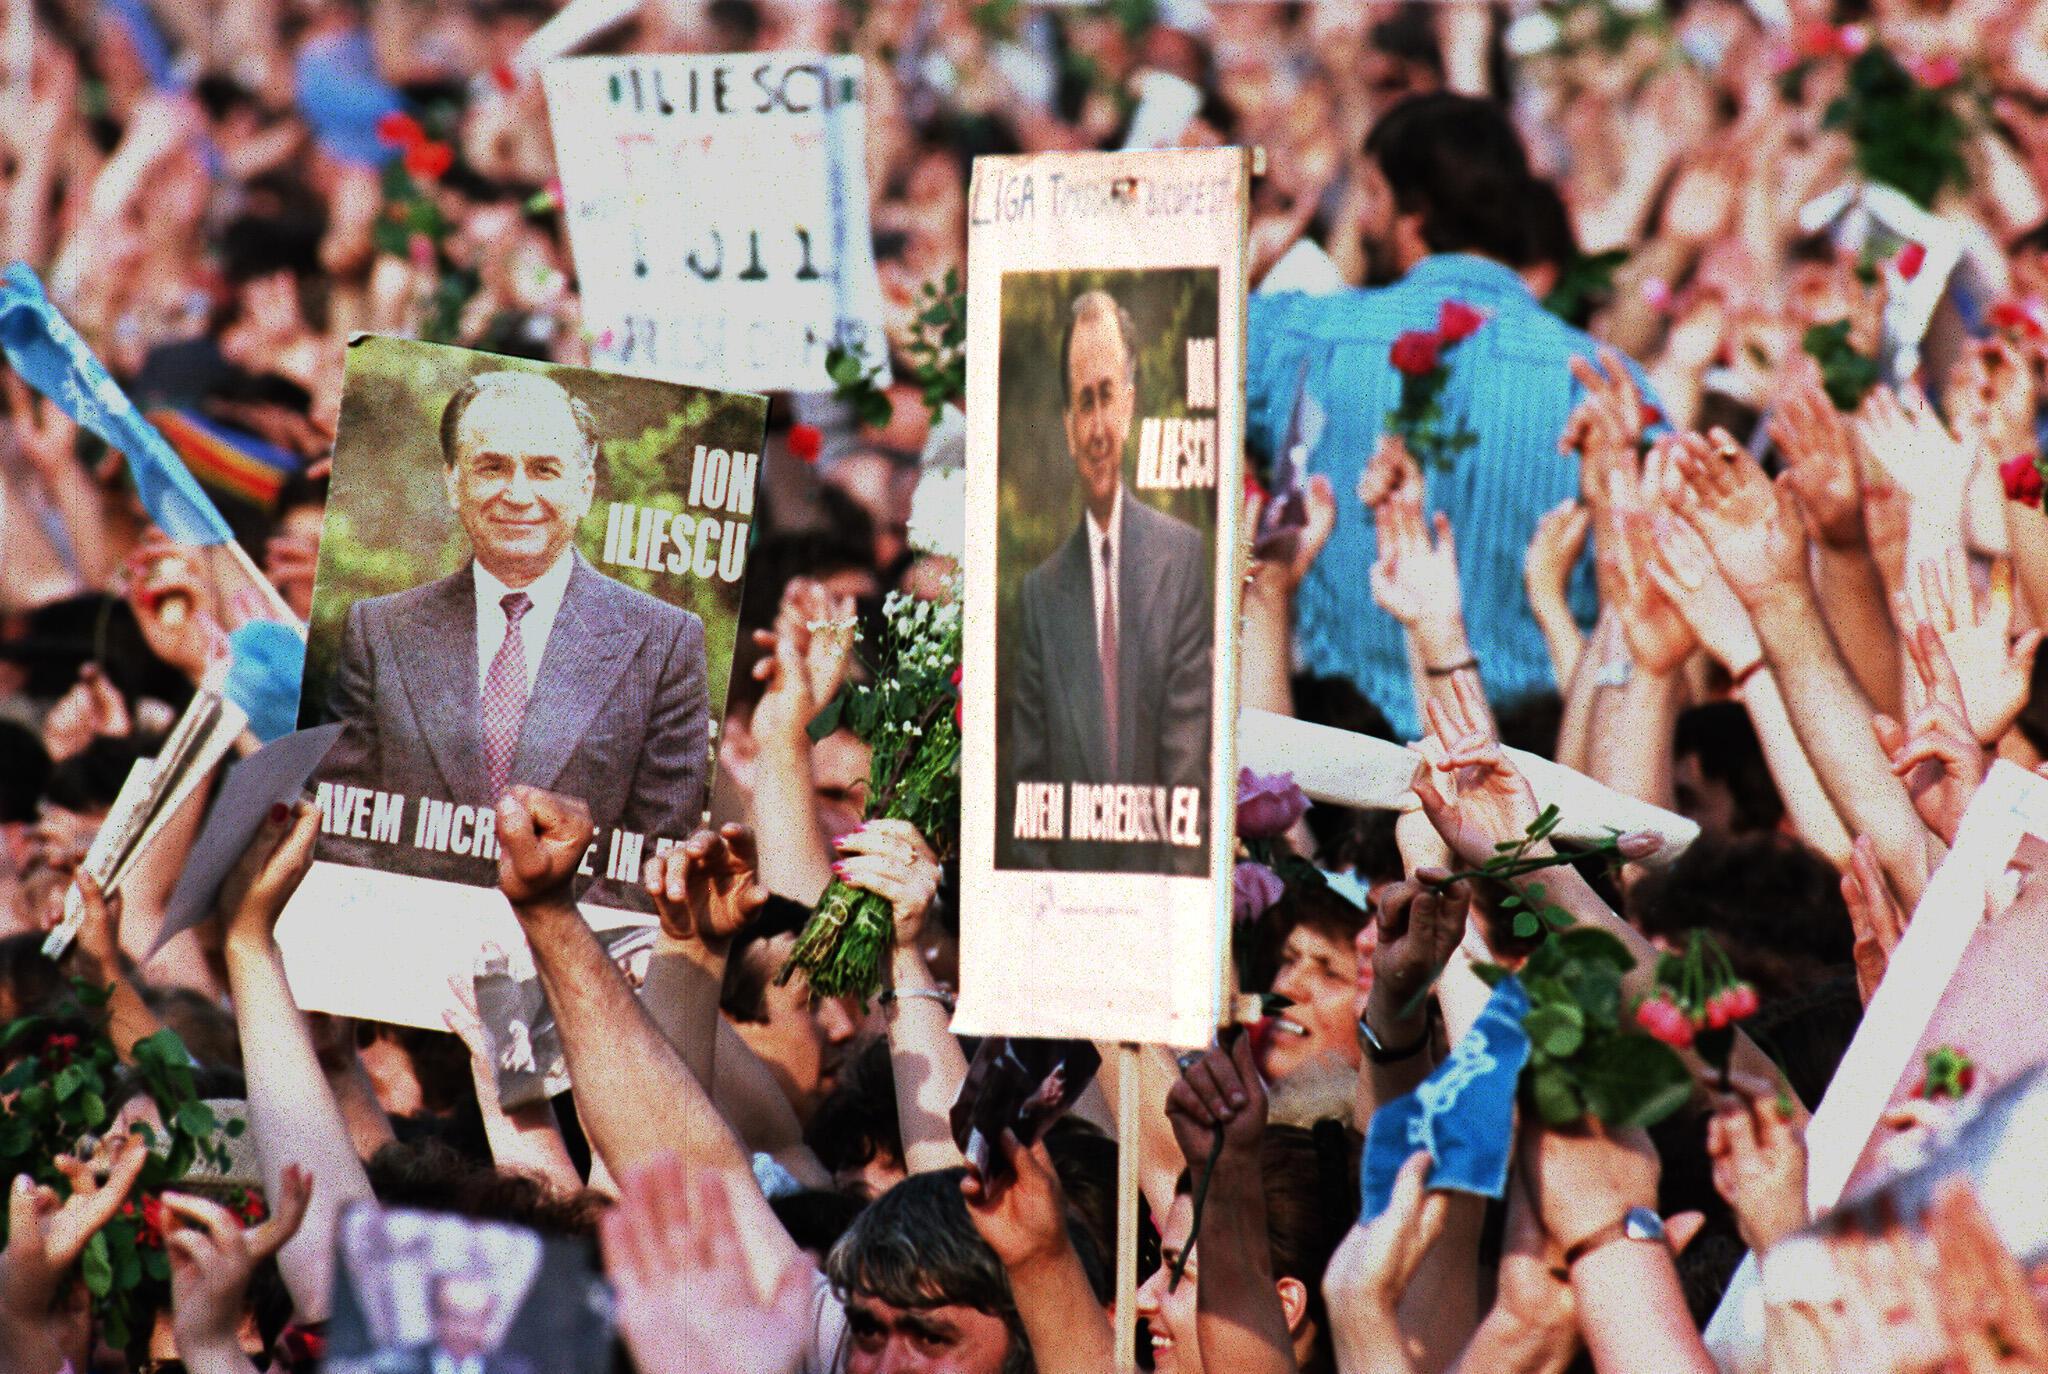 17 mai 1990, à Bucarest. Photo de la campagne électorale qui a conduit à l'élection de Ion Iliescu à la présidence de la Roumanie. Ion Iliescu a succédé le 20 juin 1990 à Nicolae Ceausescu exécuté le 25 décembre 1989.